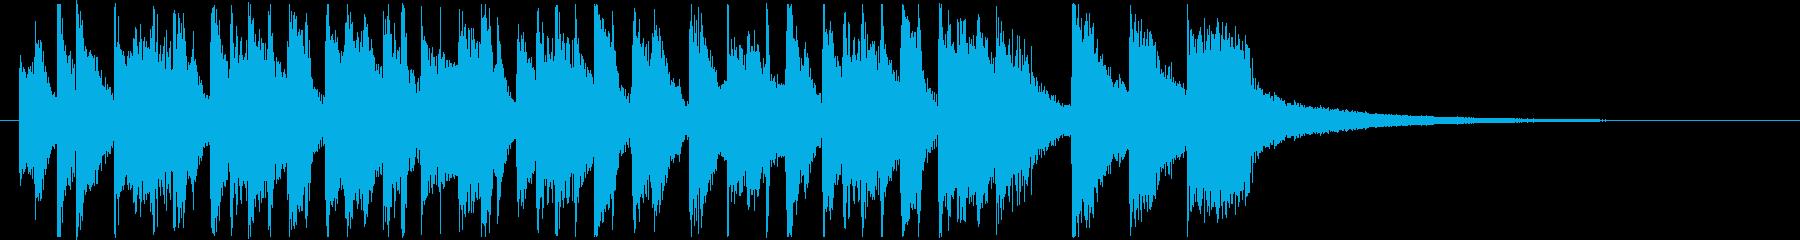 ノリノリのサルサ調サウンドロゴの再生済みの波形